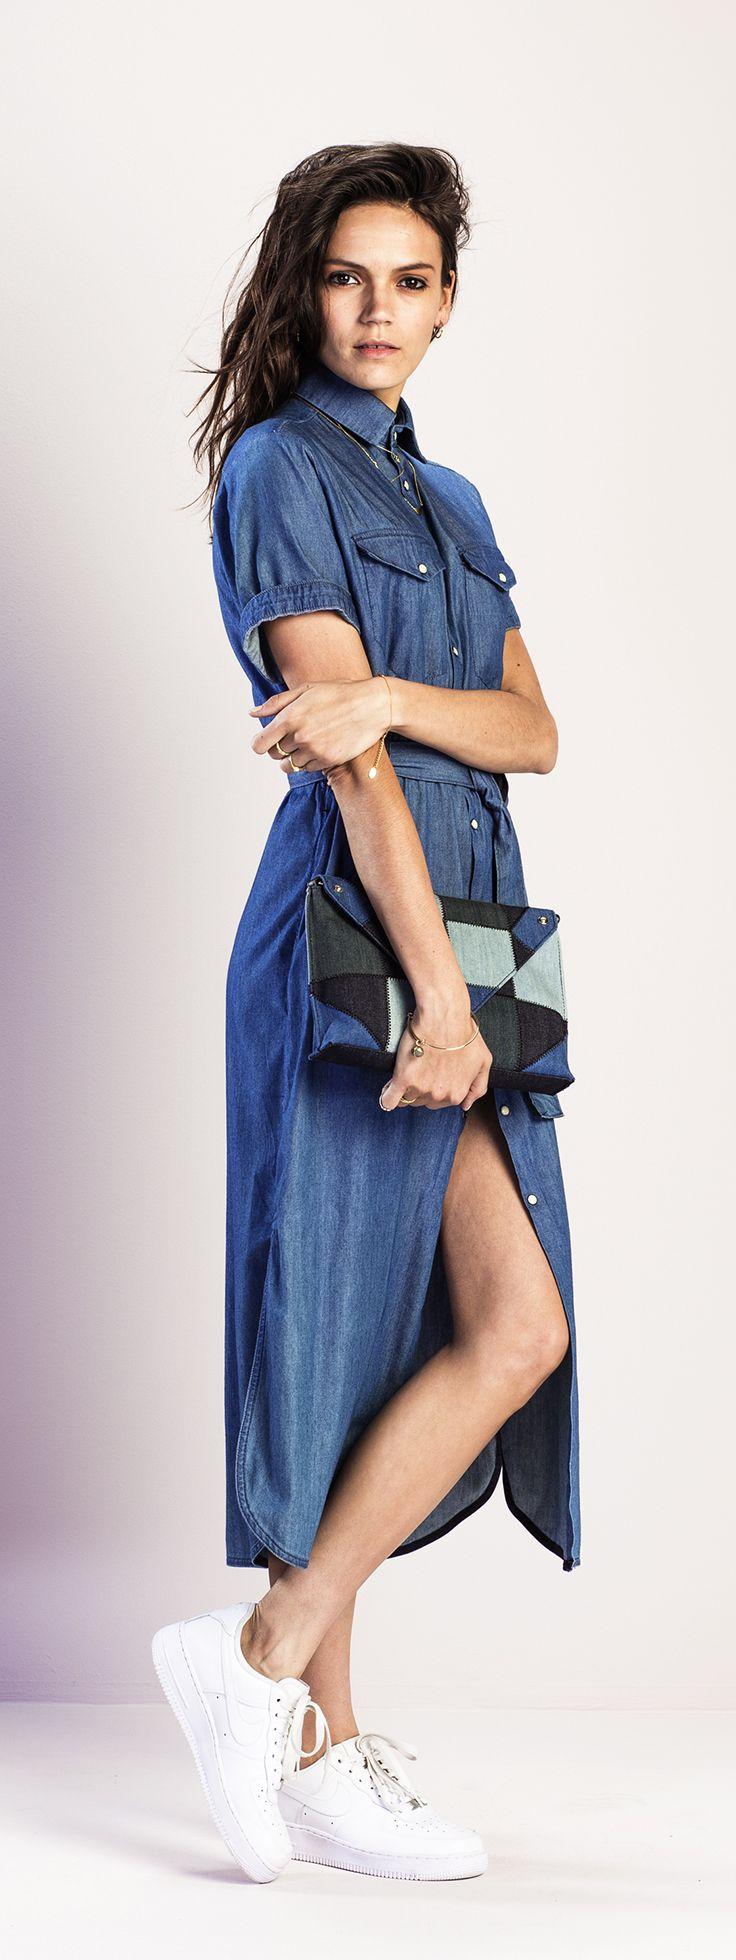 De spijkerjurk is een veel gezien item. Draag hem stoer in het lang met een paar witte sneakers. #denim #jurk #outfit